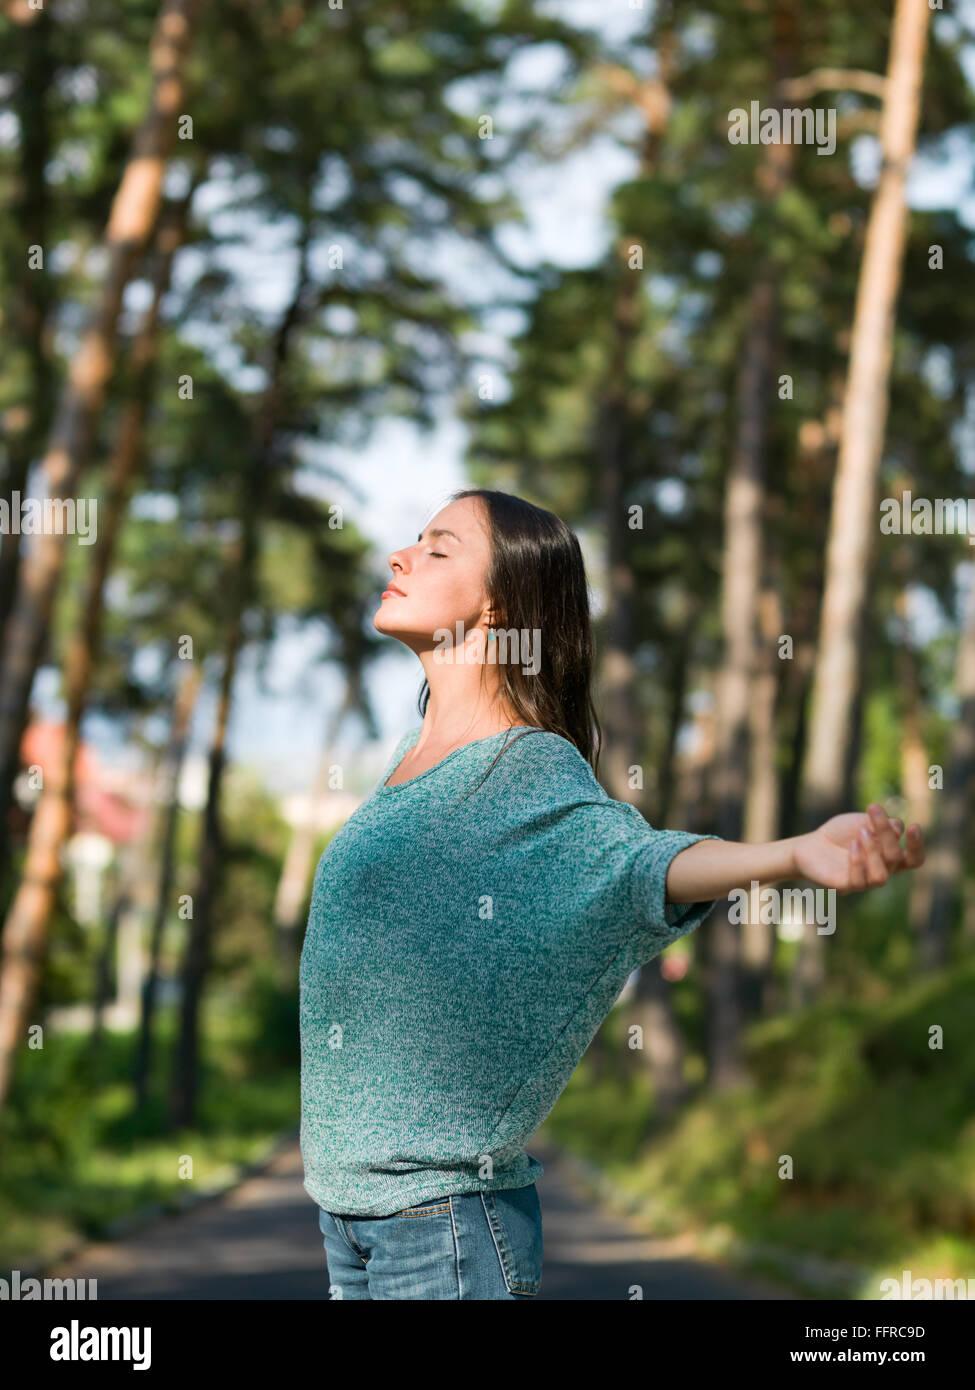 Belle jeune femme profitant du beau temps dans une allée avec des arbres verts Photo Stock